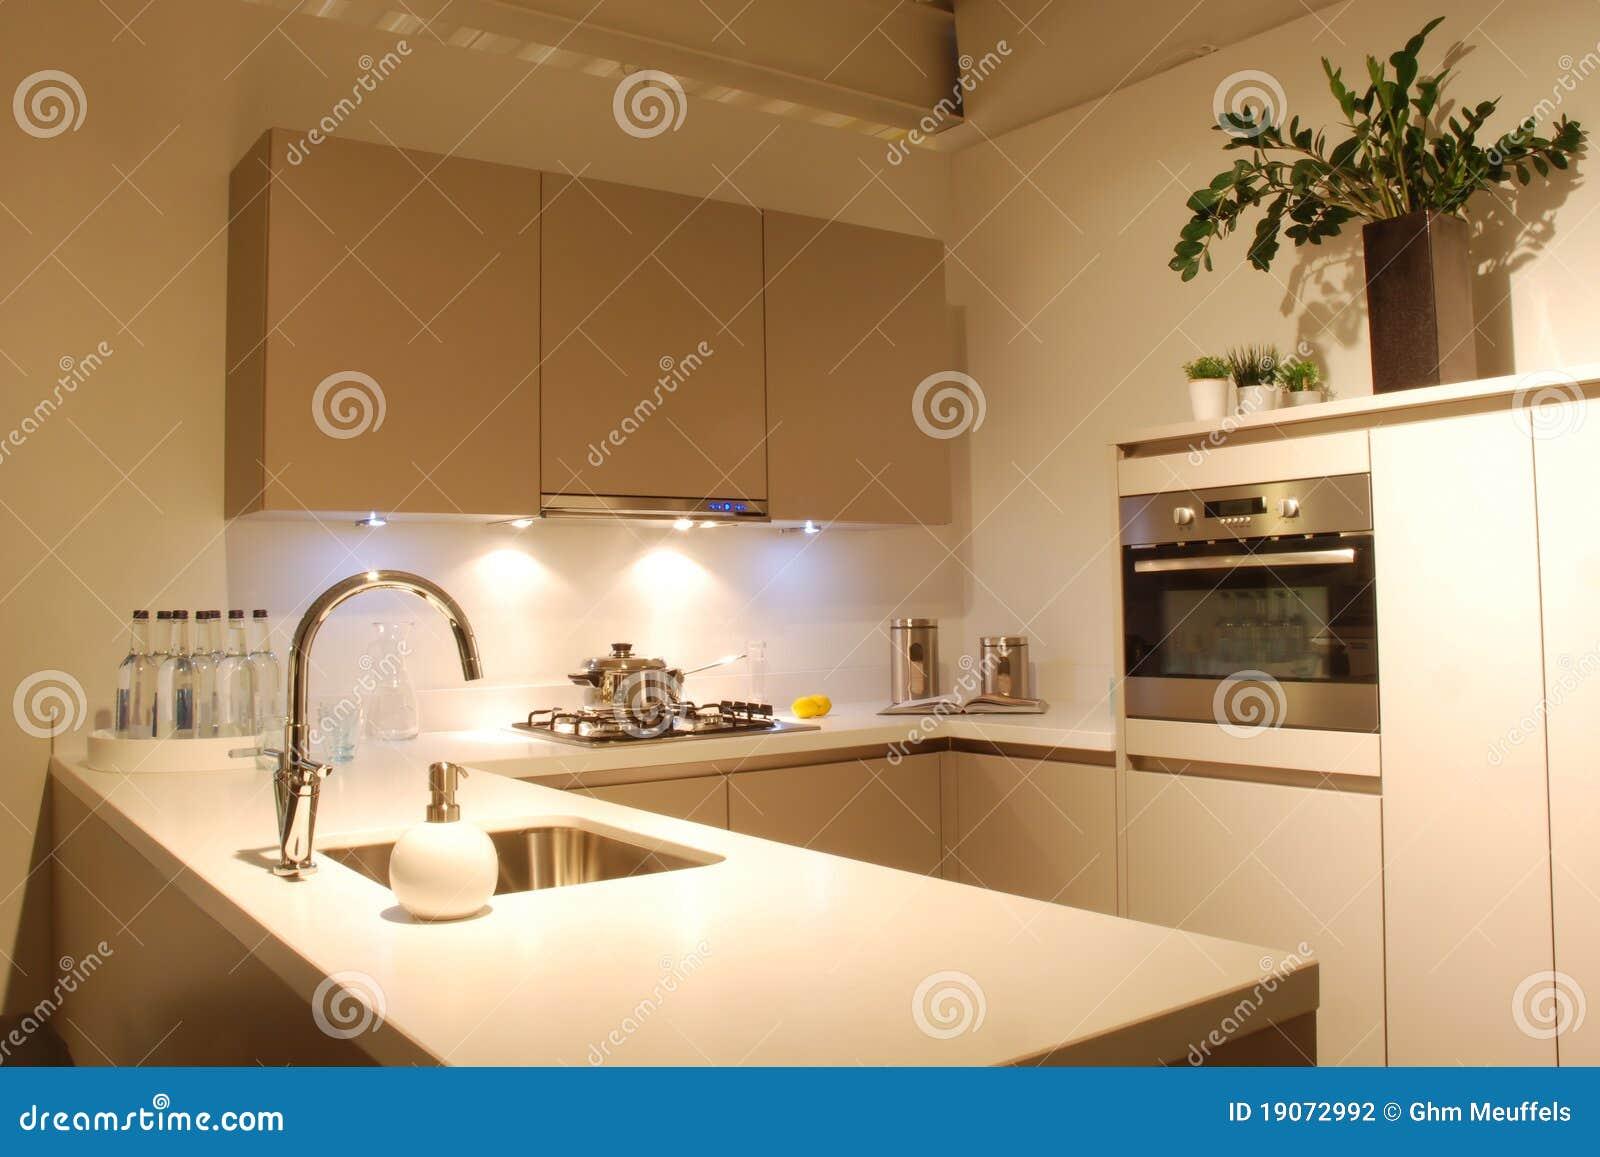 Cocina del dise o moderno marr n blanca fotograf a de - Cocina diseno moderno ...